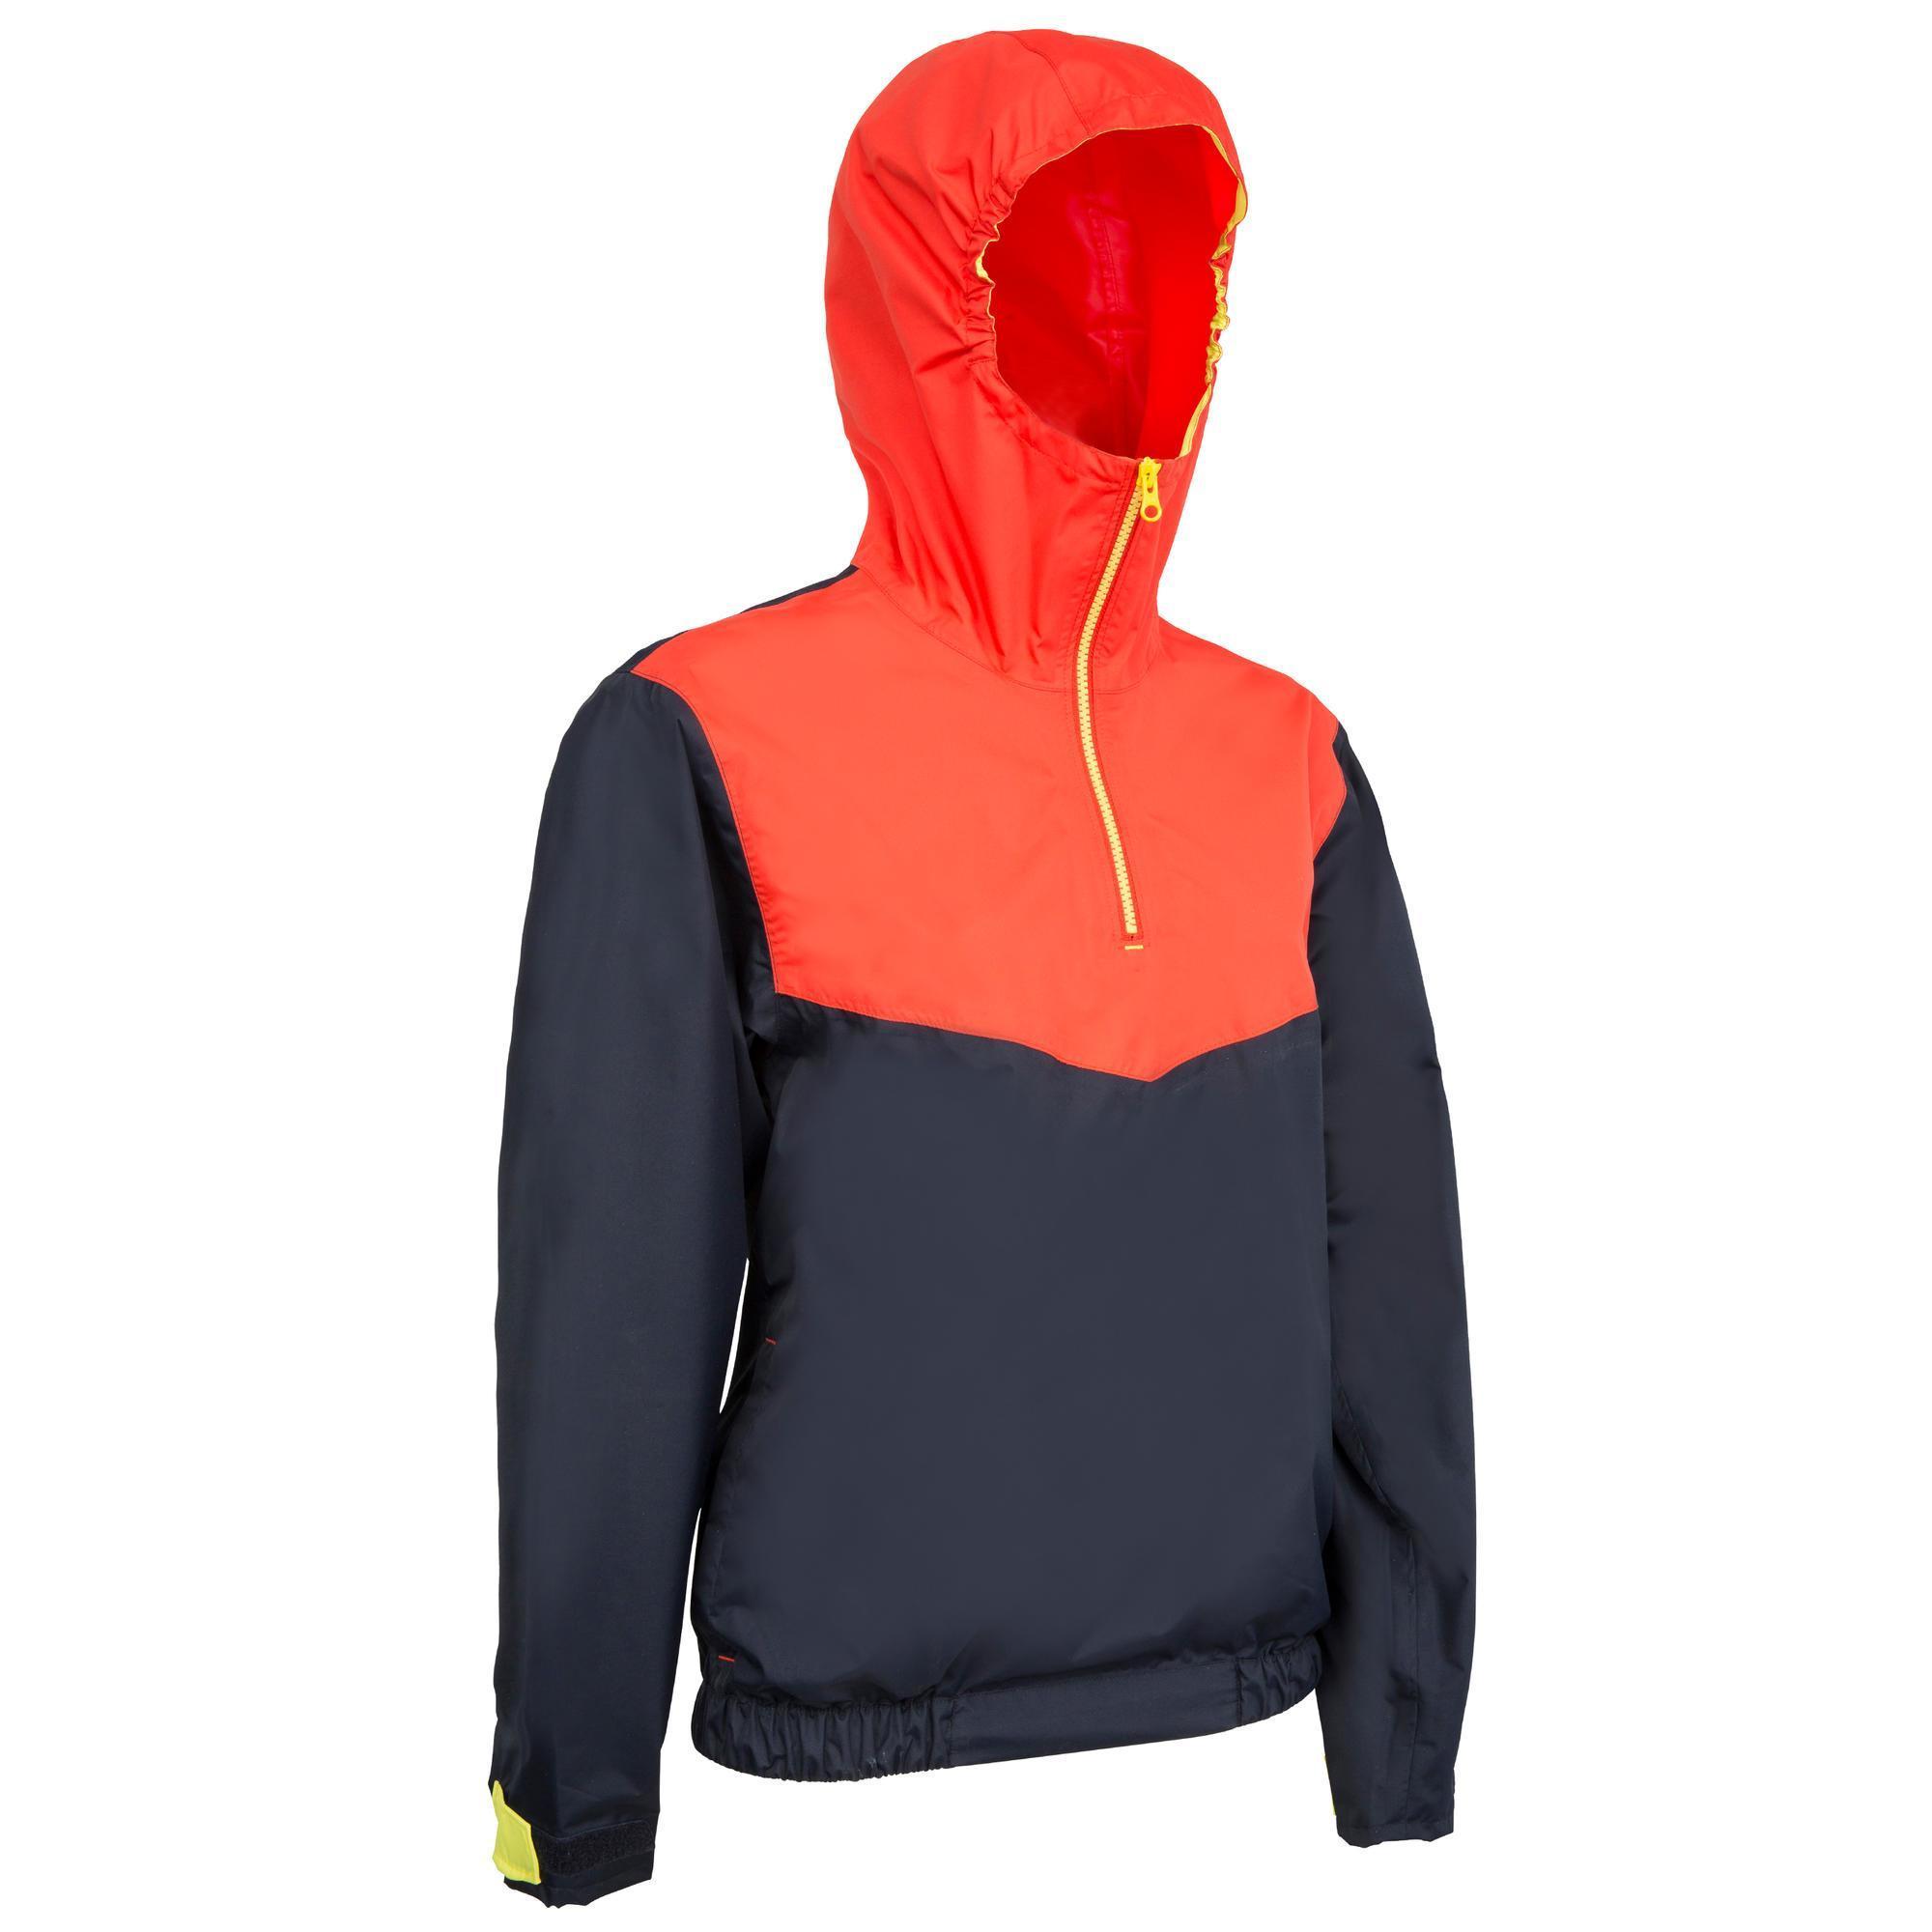 Vestes de pluie homme   Decathlon f2e12b2bde47